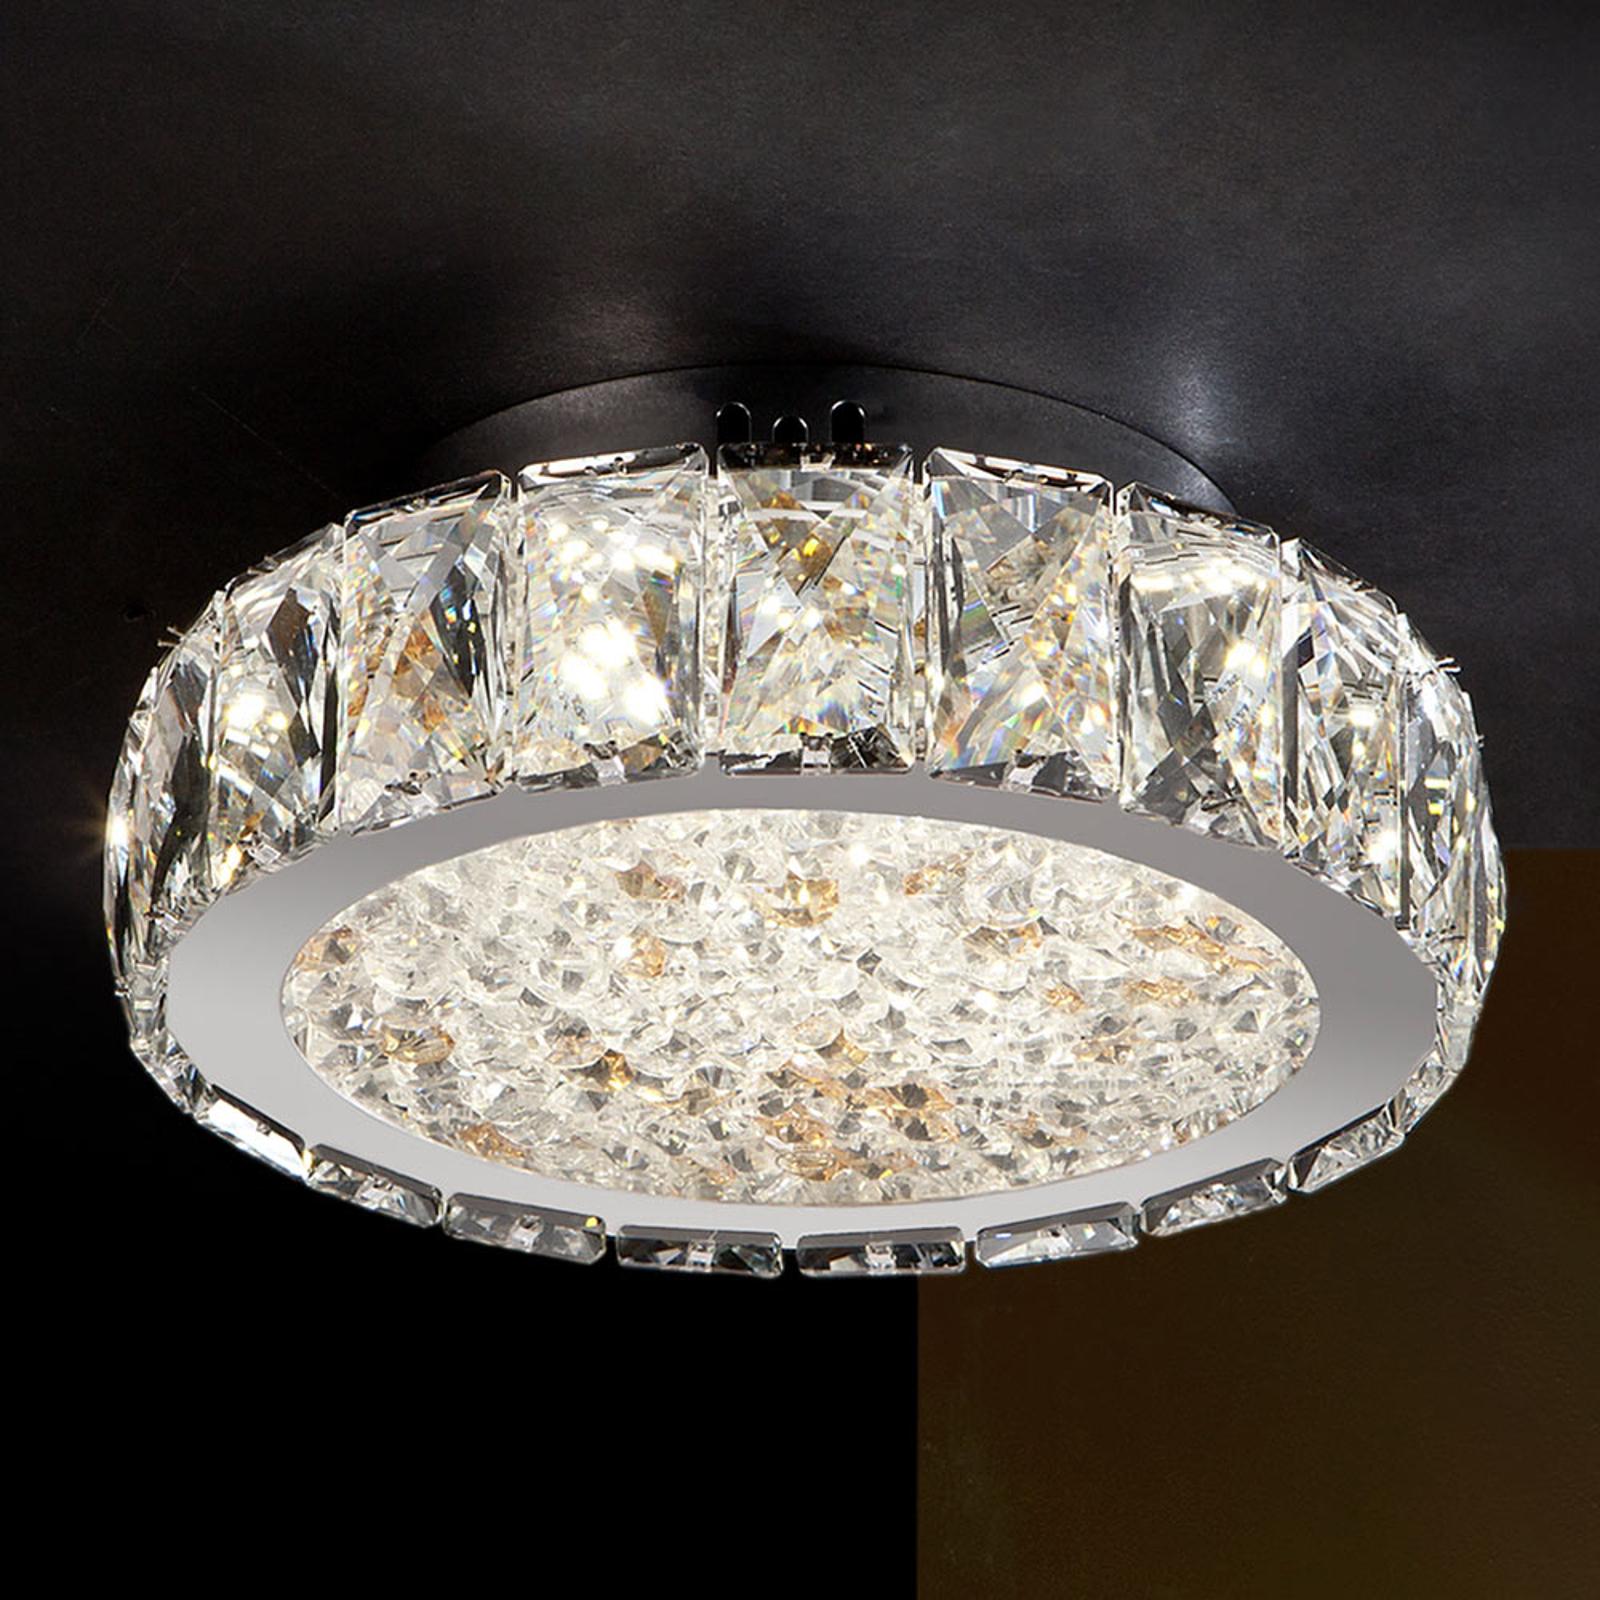 Dana lampa sufitowa LED ze szklanymi kryształkami